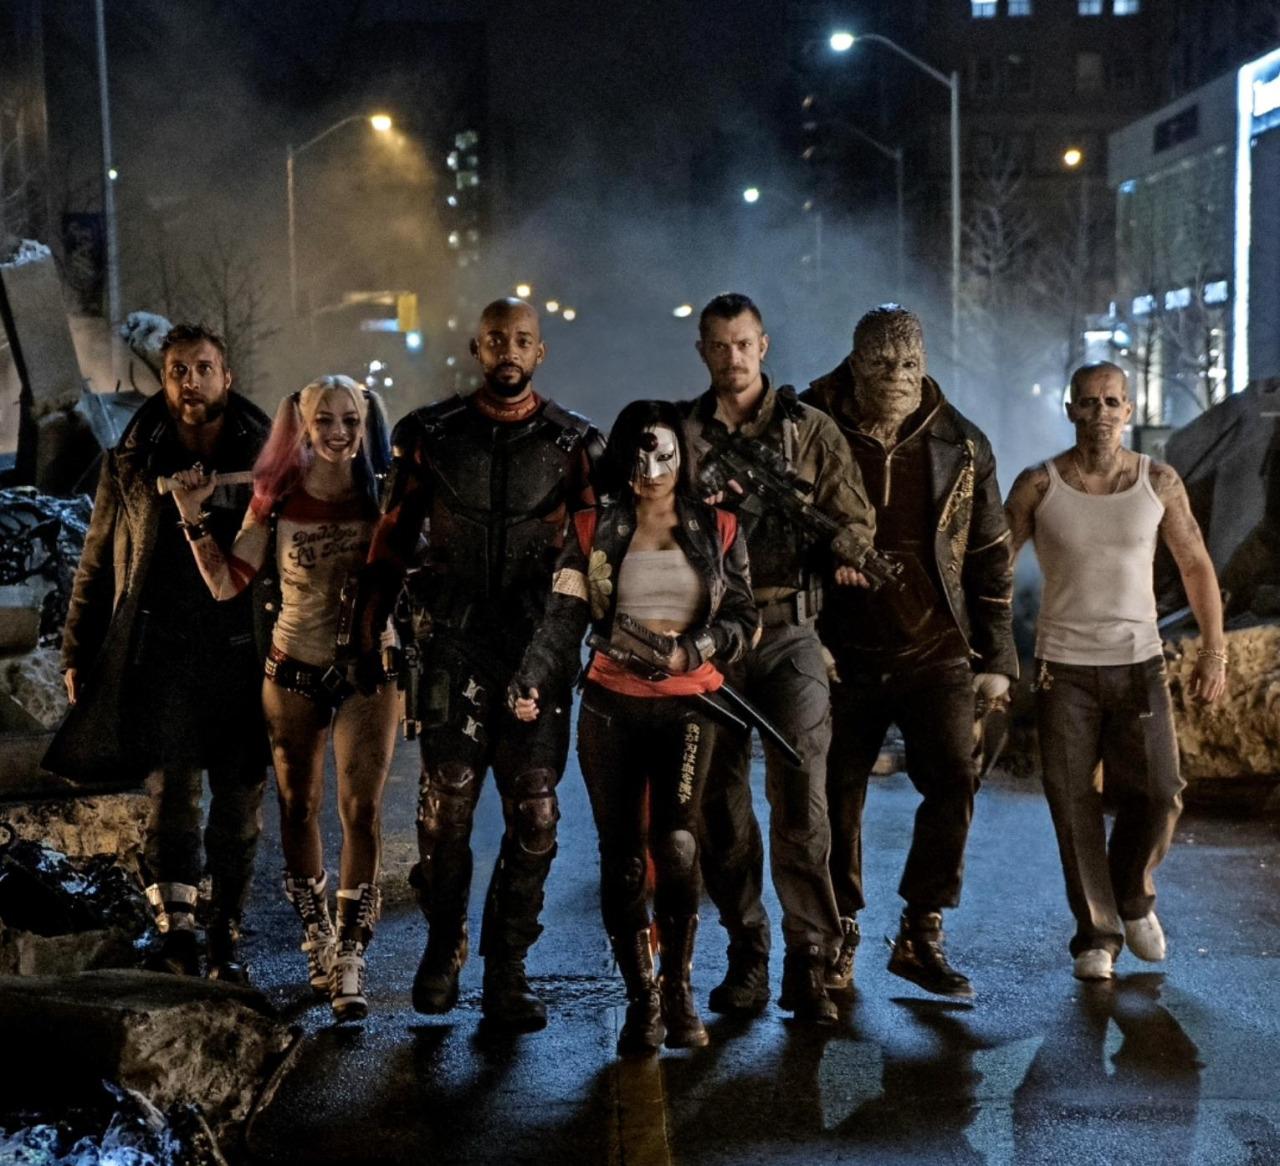 Suicide Squad Stills - The Squad